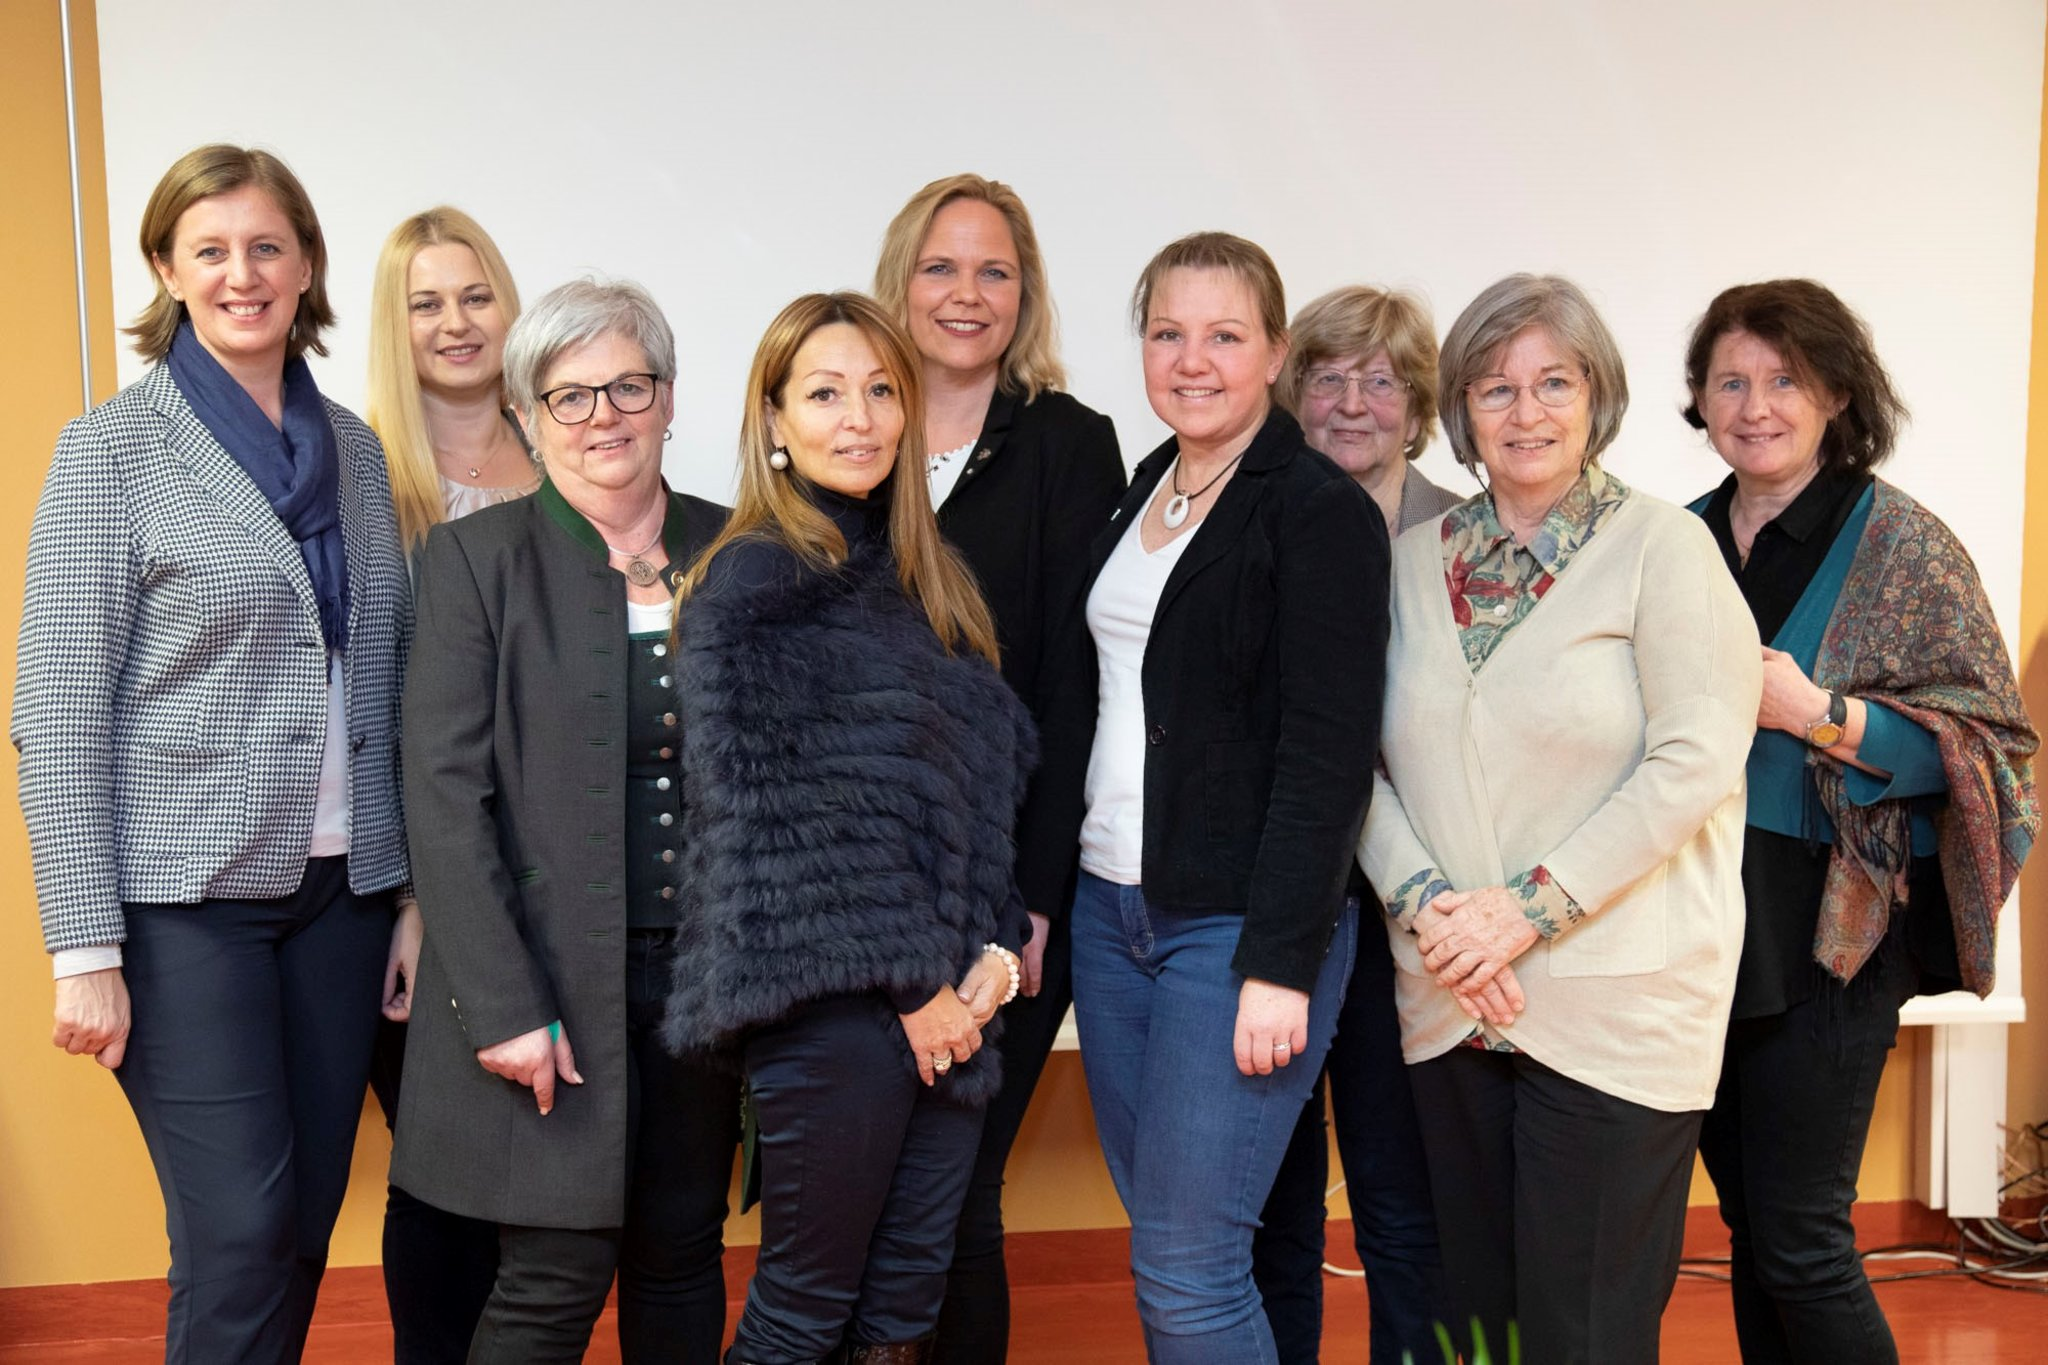 Neue menschen kennenlernen in seiersberg-pirka Hadersdorf